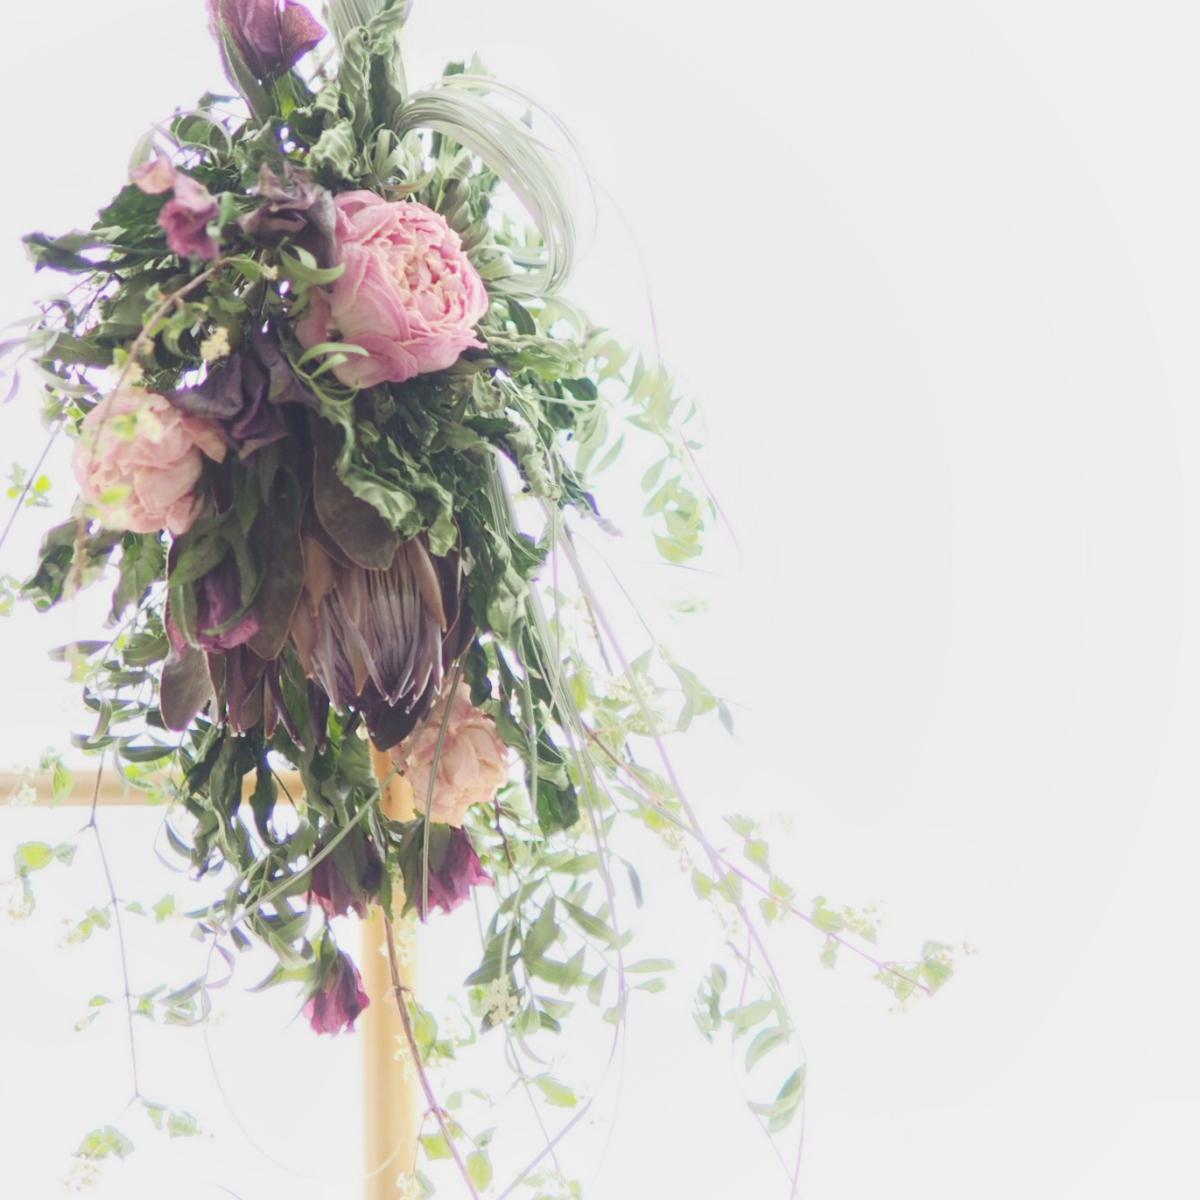 ドライフラワーを花瓶に飾るだけ!インテリア性の高いフラワーベース5選